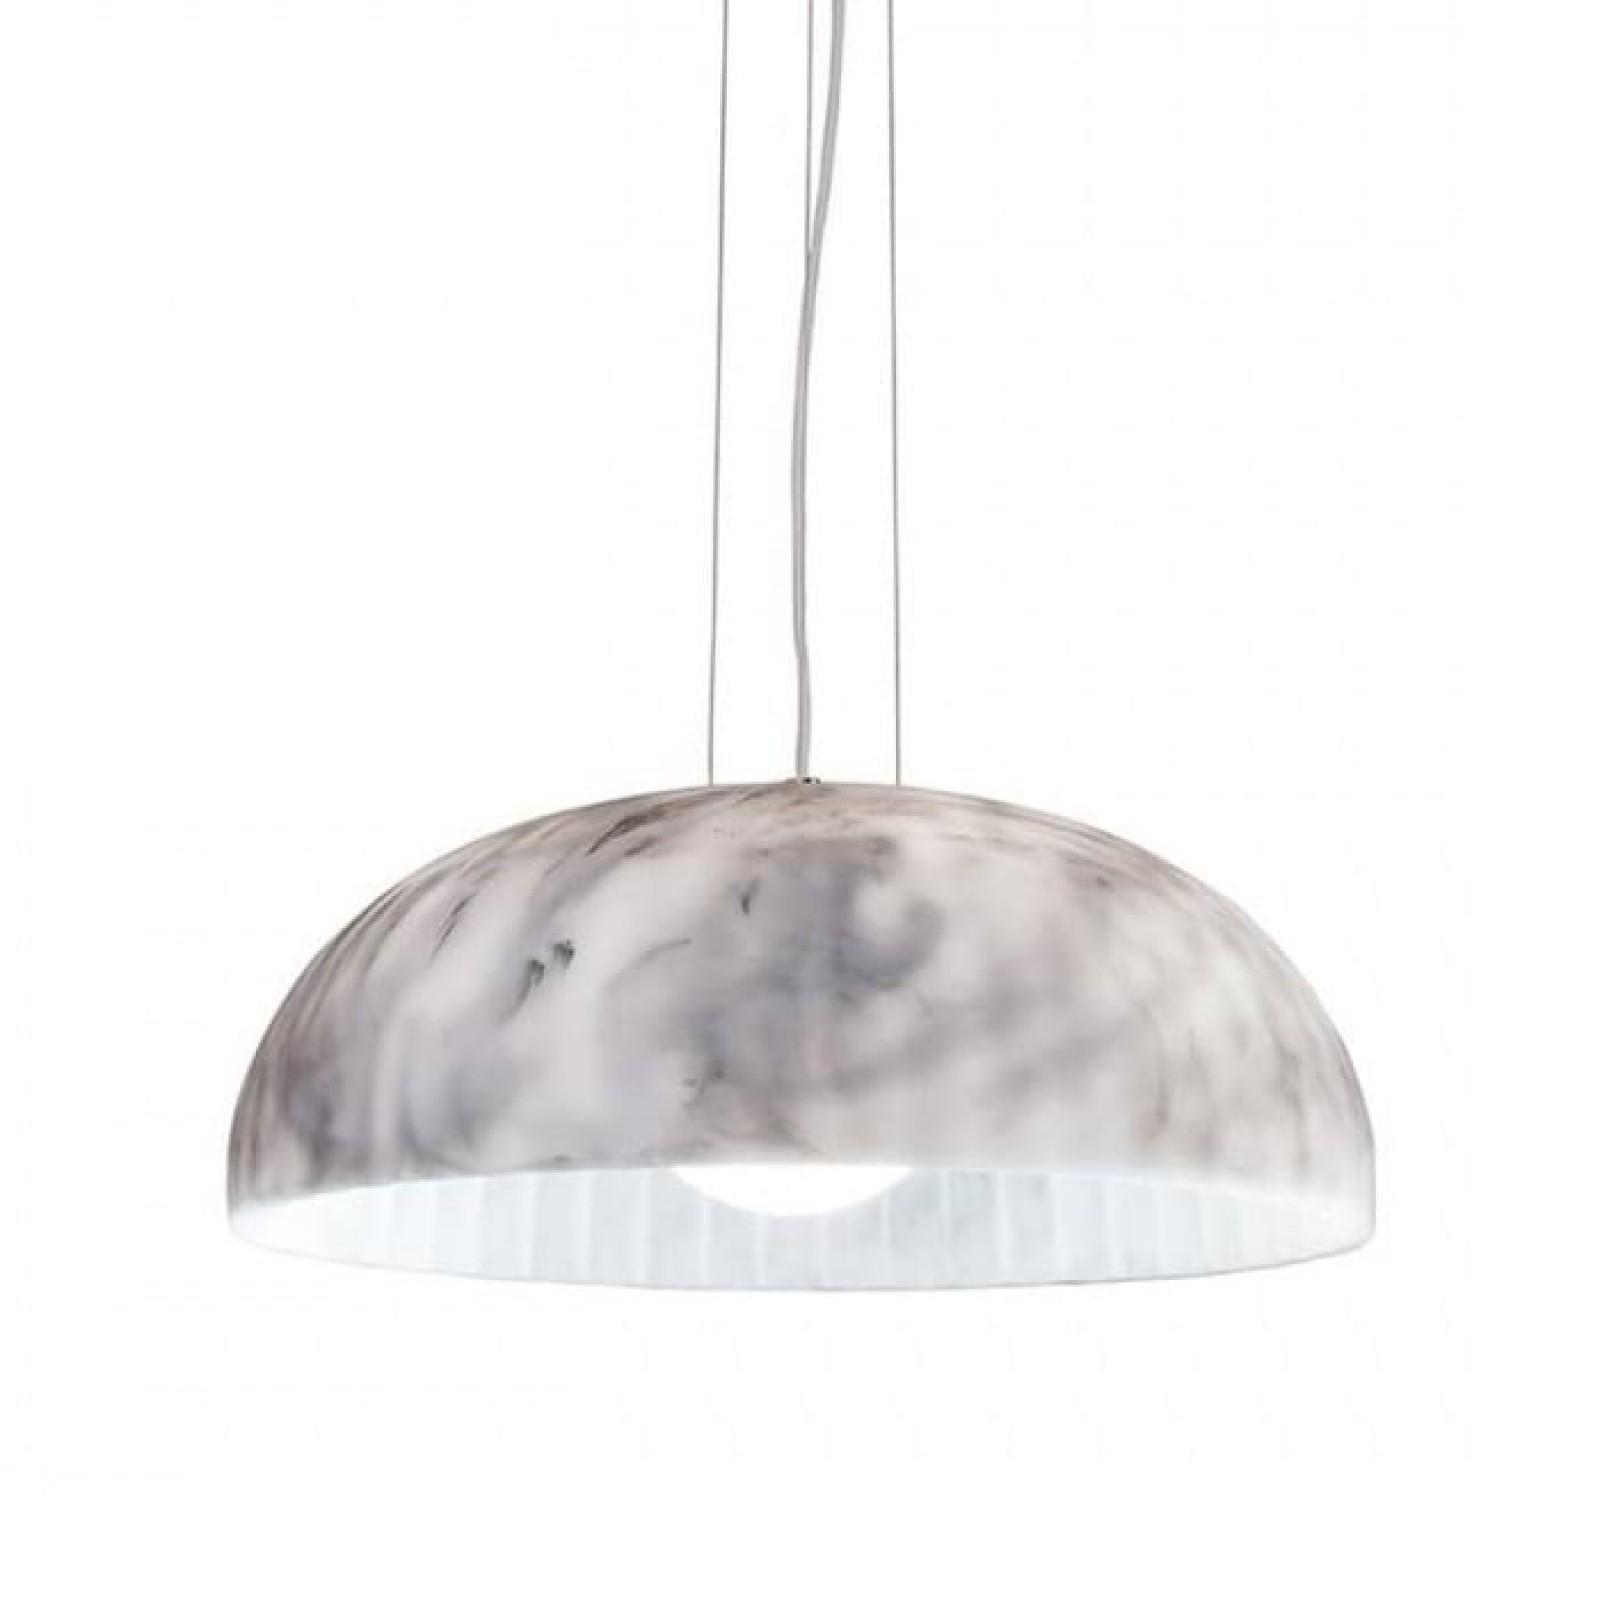 Φωτιστικό Οροφής Doric 60 (Λευκό Μάρμαρο) - Innermost